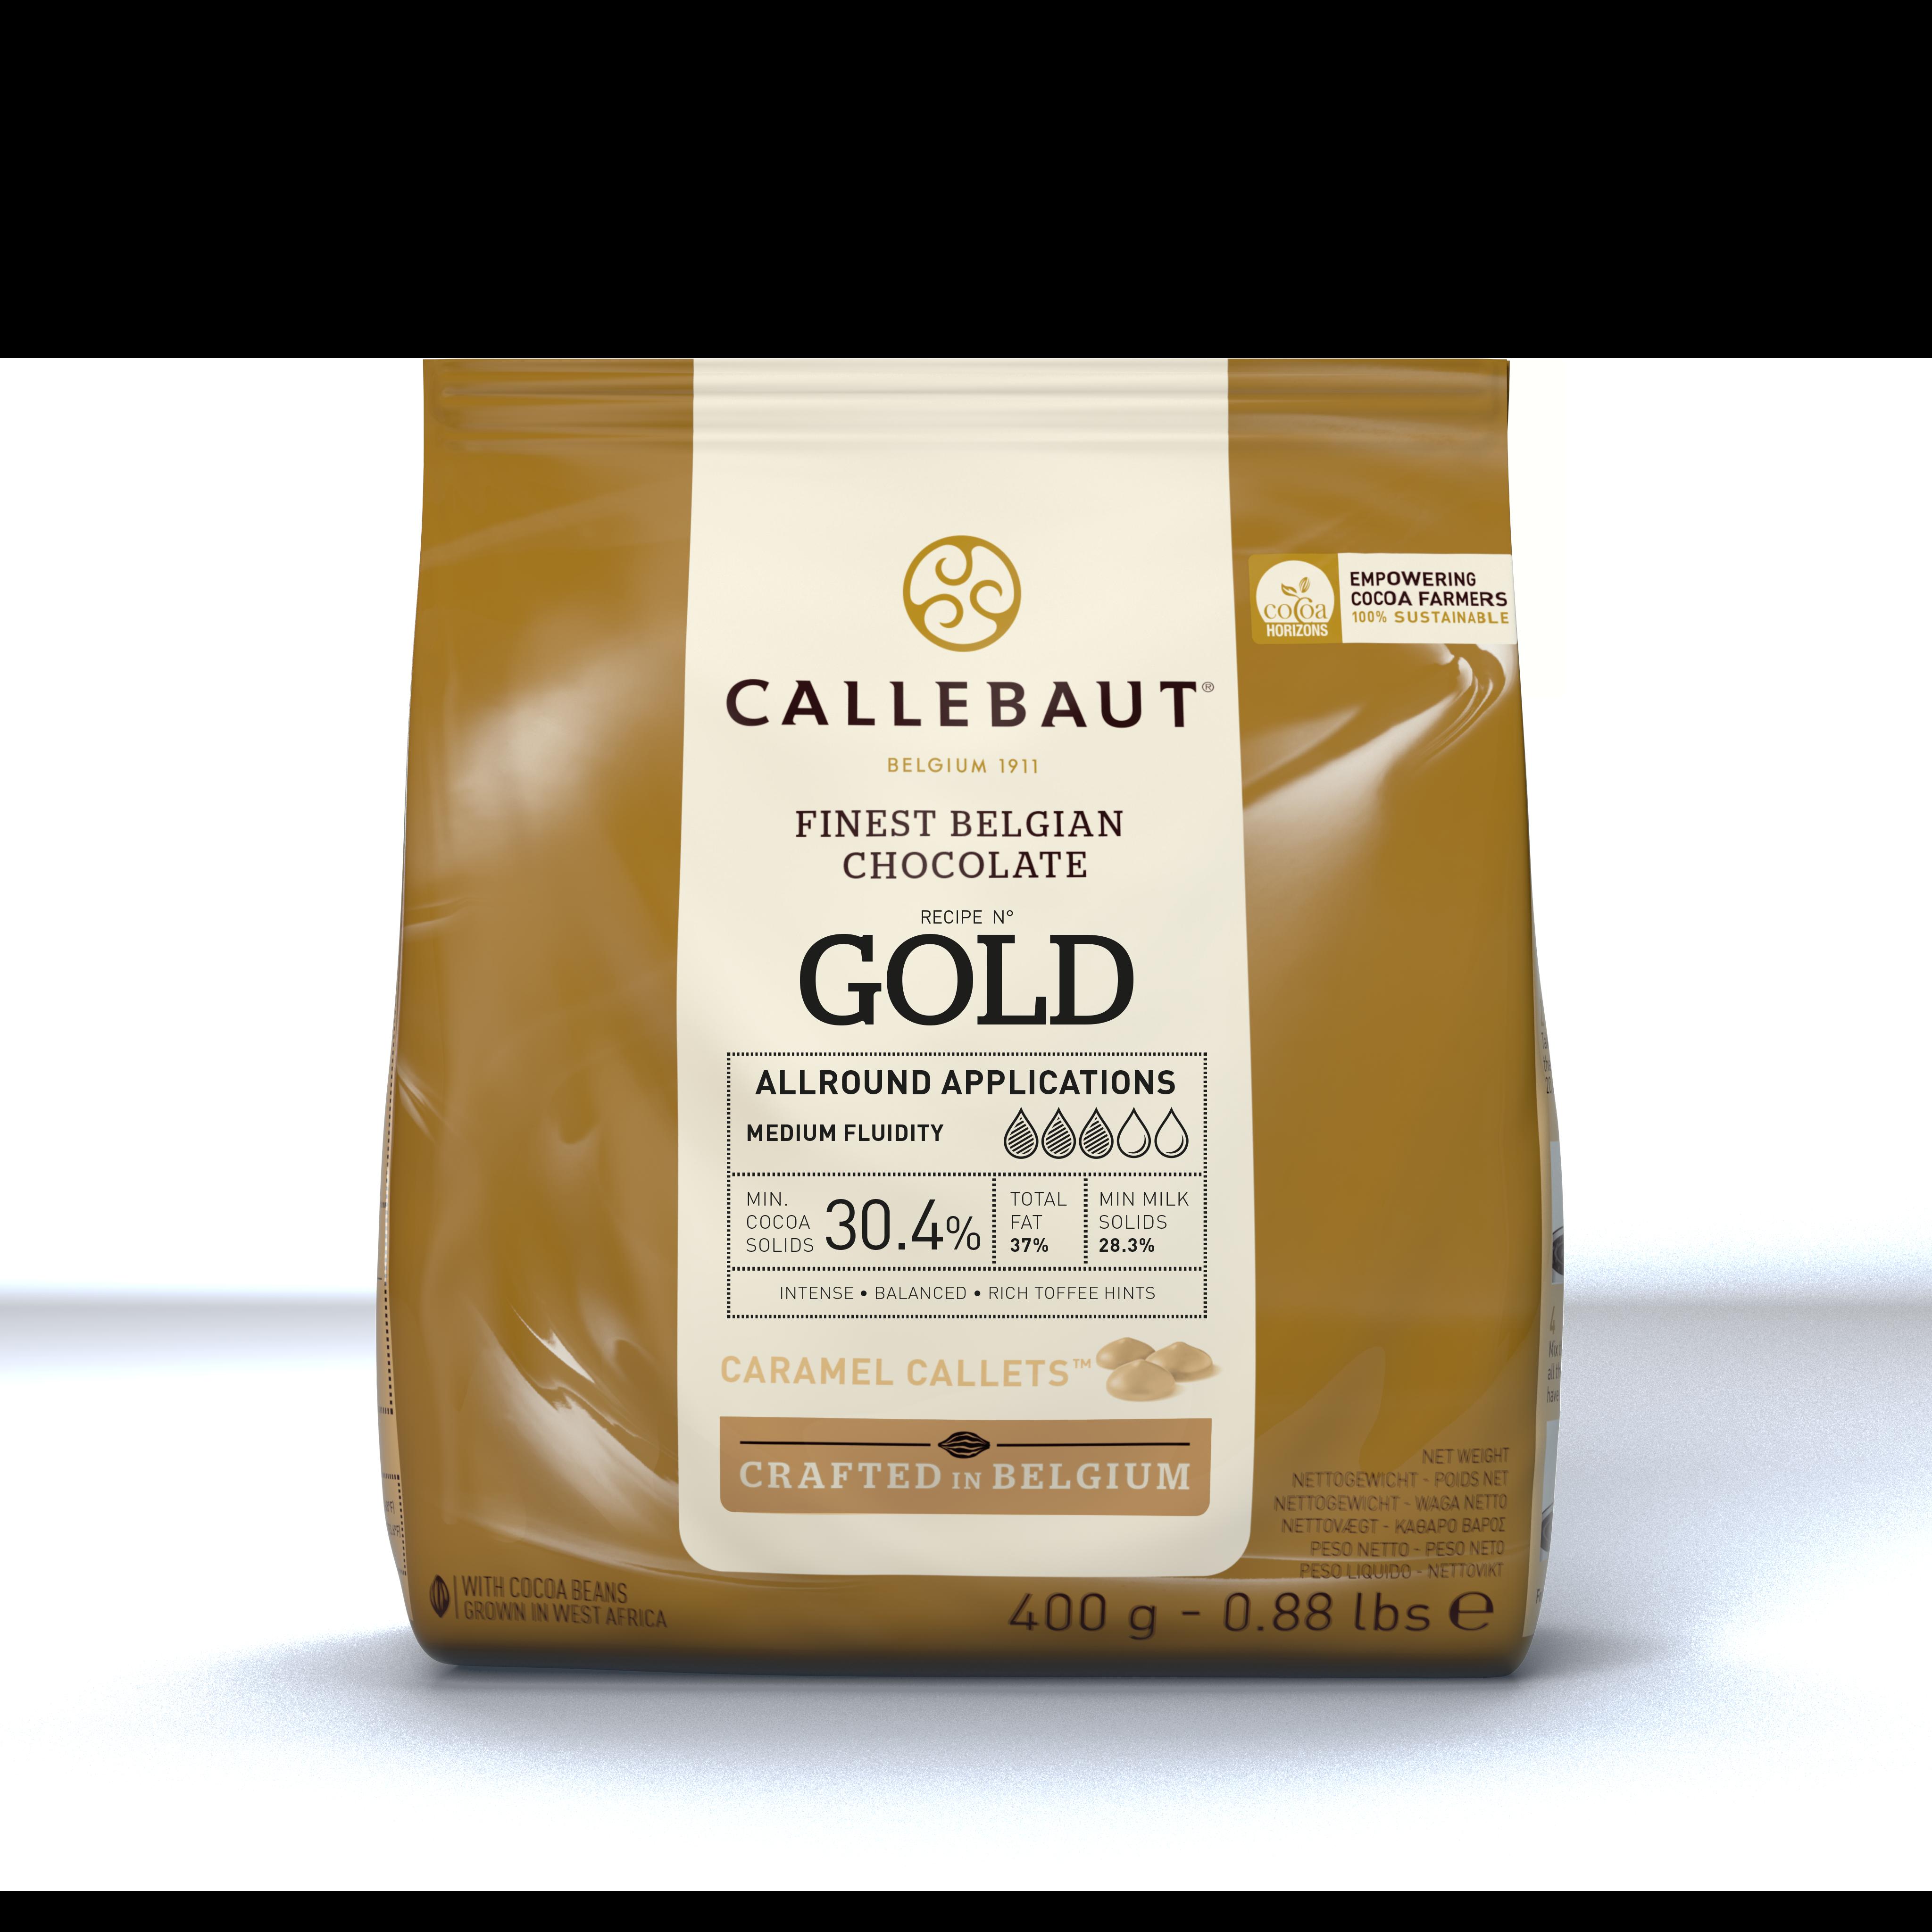 GOLD karamelová čokoláda Callebaut 400g